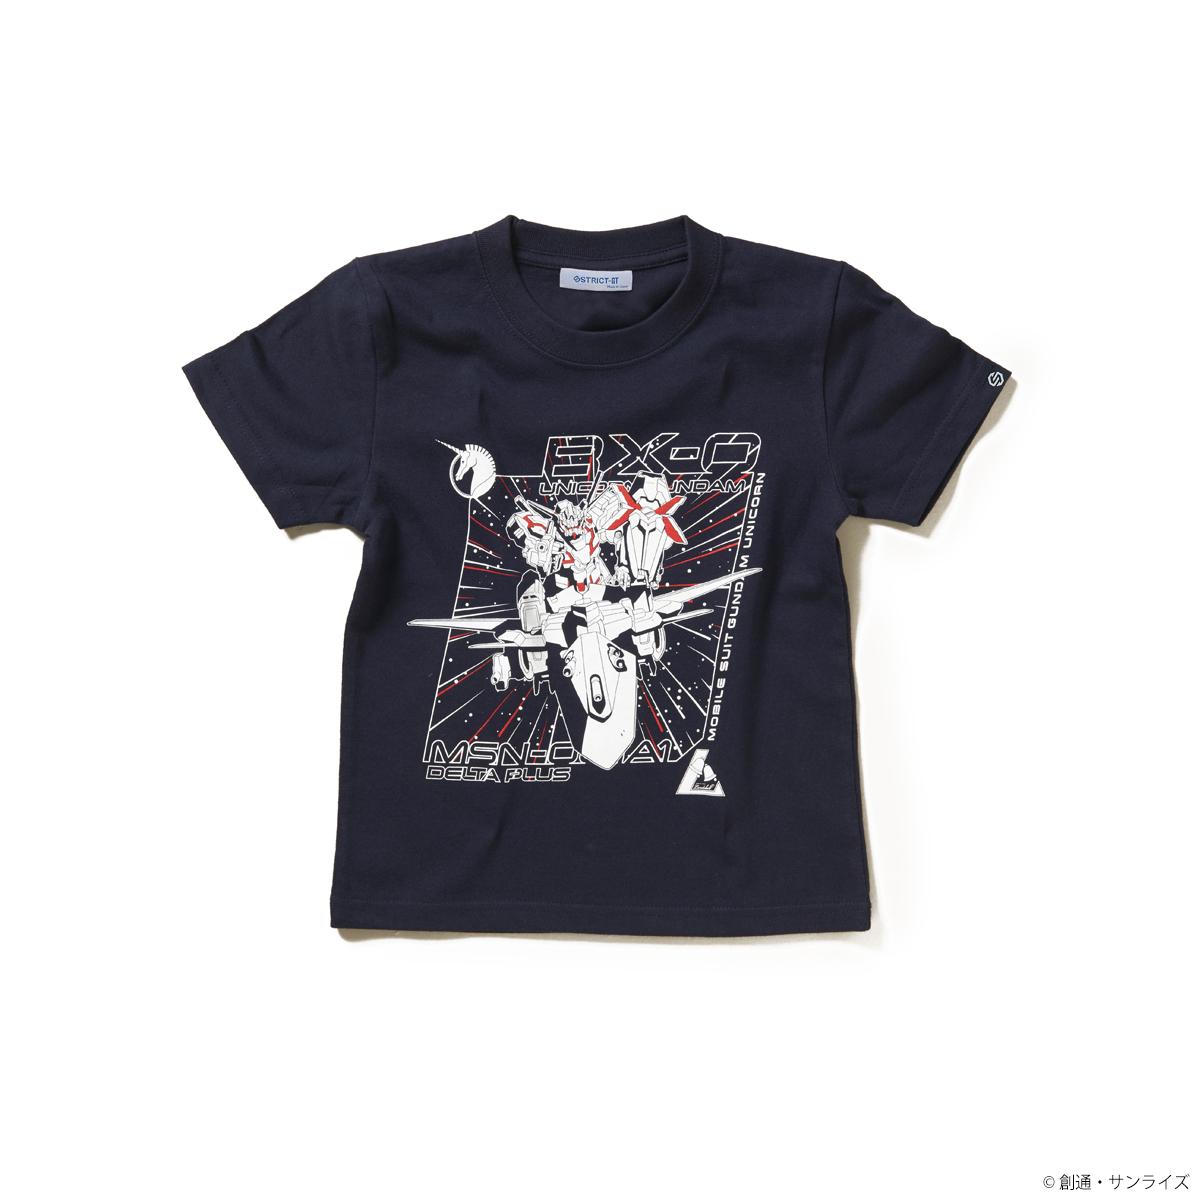 STRICT-G 『機動戦士ガンダム』シリーズ KIDS Tシャツコレクション、オンラインショップにて販売開始!